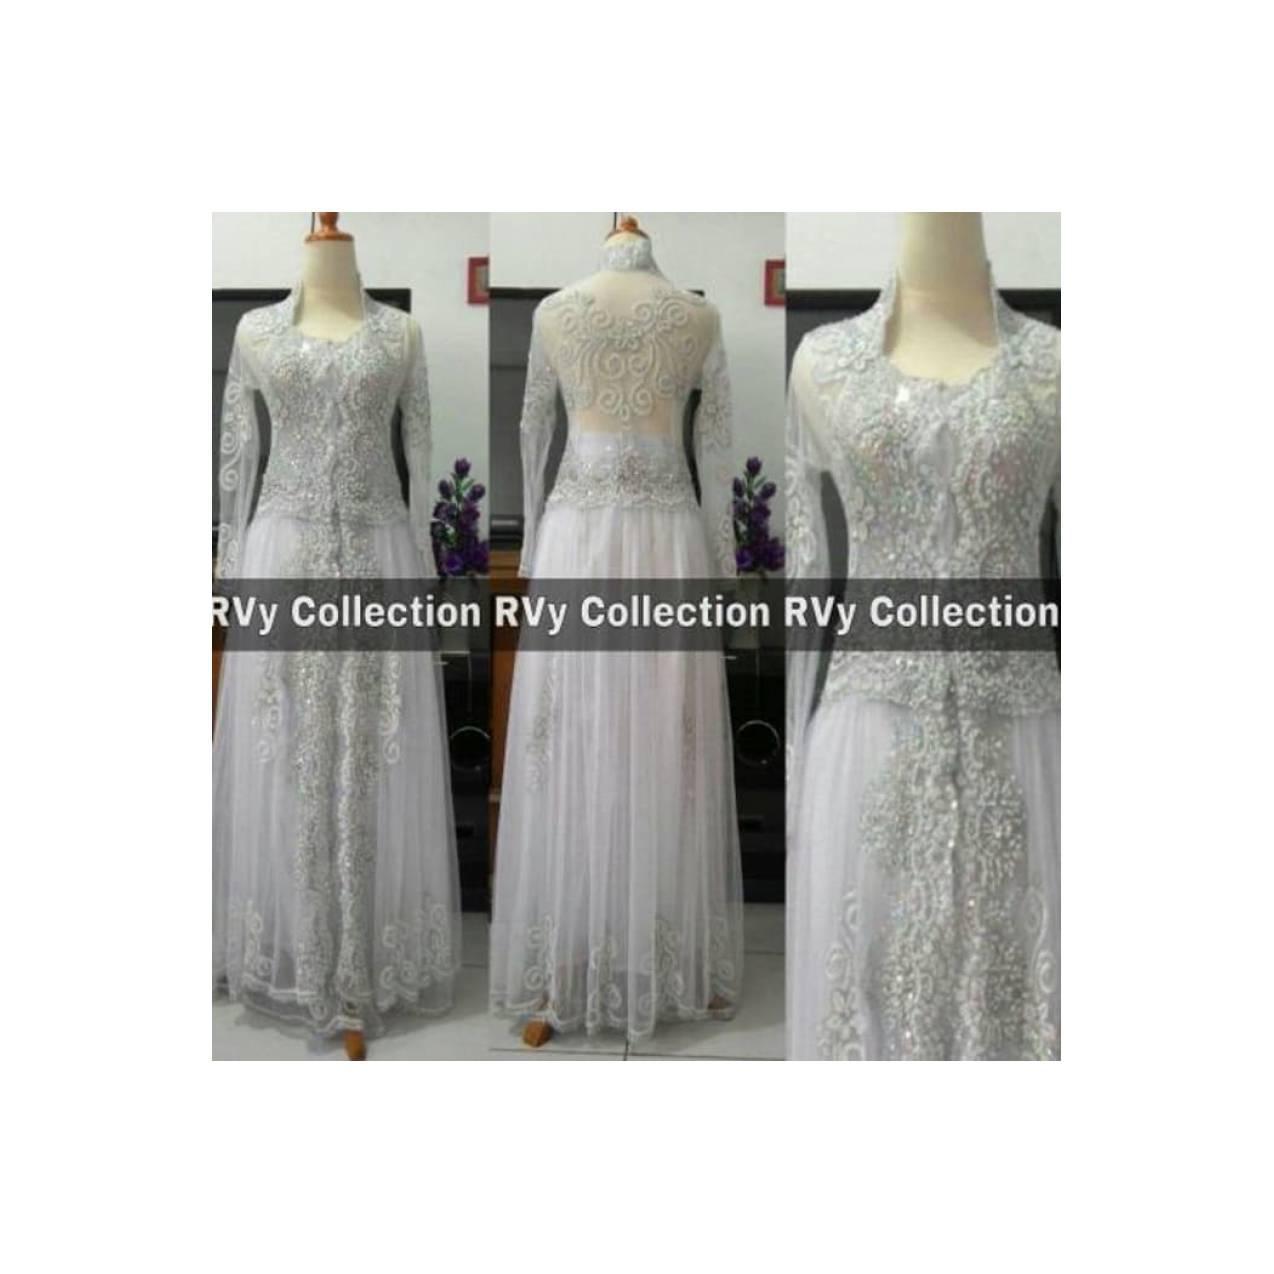 Abaya TERBARU Set Kebaya Abaya Akad Nikah Putih (Pengantin/Resepsi)